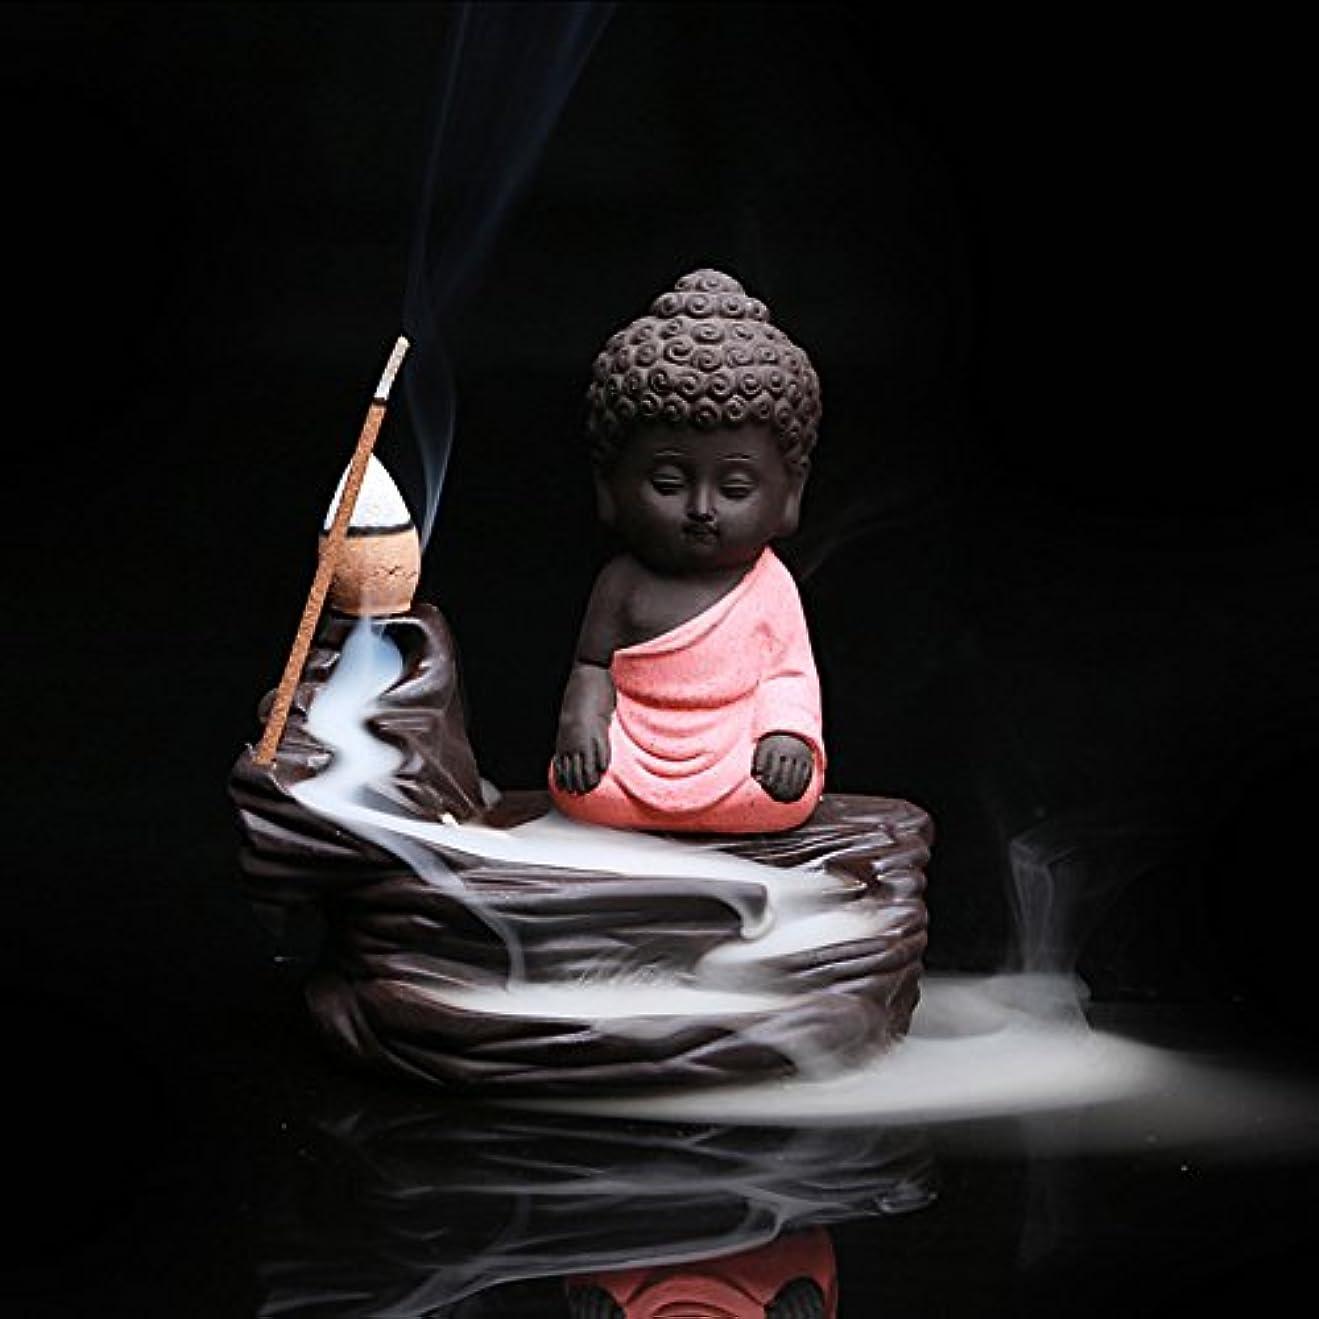 起きろガラスメジャークリエイティブ逆流香炉コーンスティックホルダーSmall BuddhaセラミックCenserホーム部屋装飾 12.0*12.0*6.0cm レッド Colorado